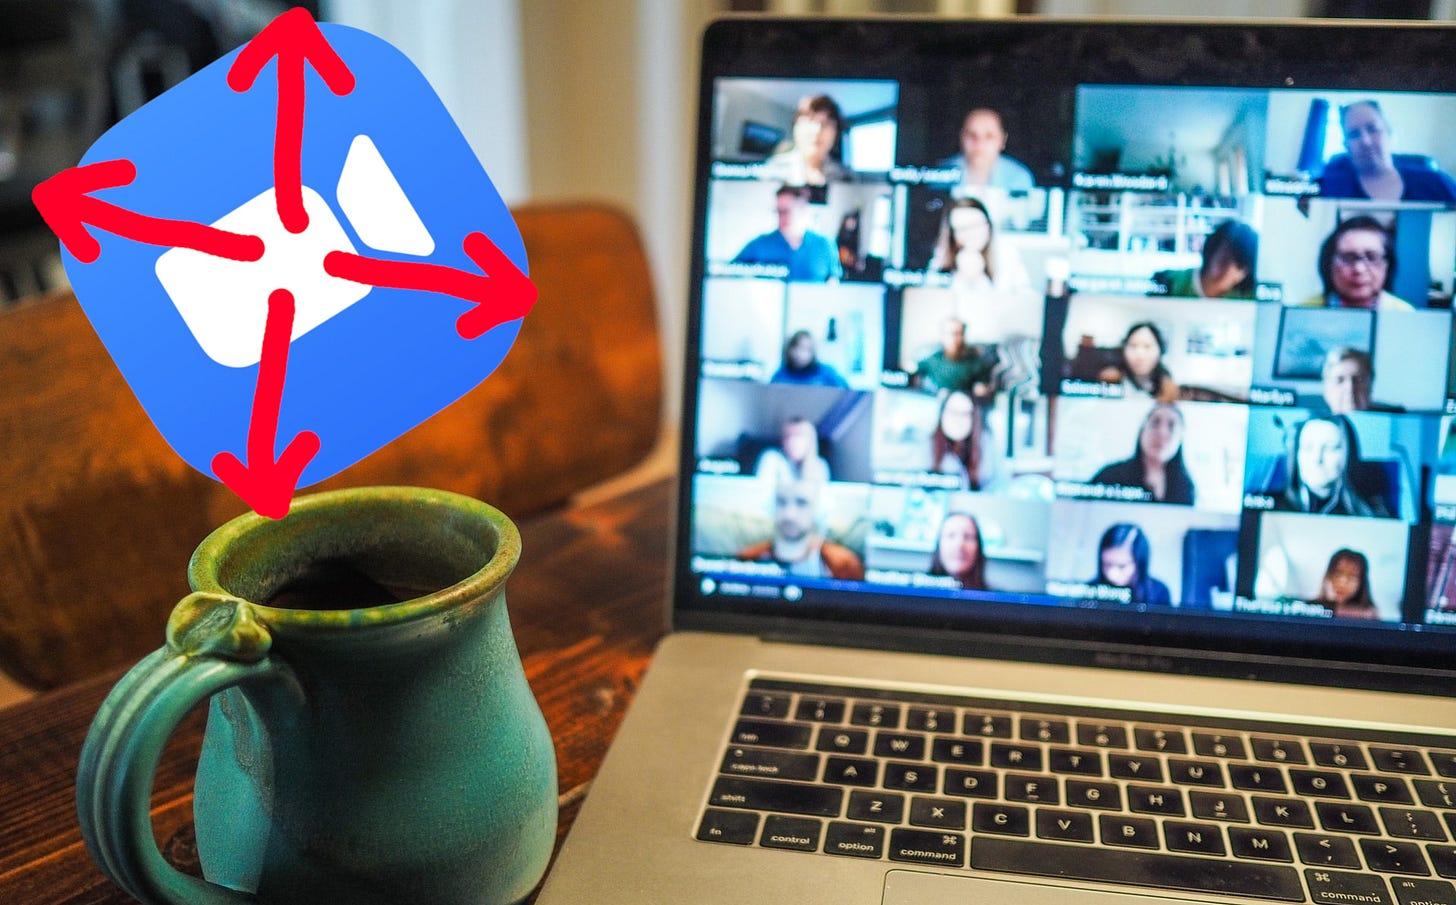 Imagem de um computador na mesa com a tela em uma reunião online + logo da ferramenta Zoom escaper